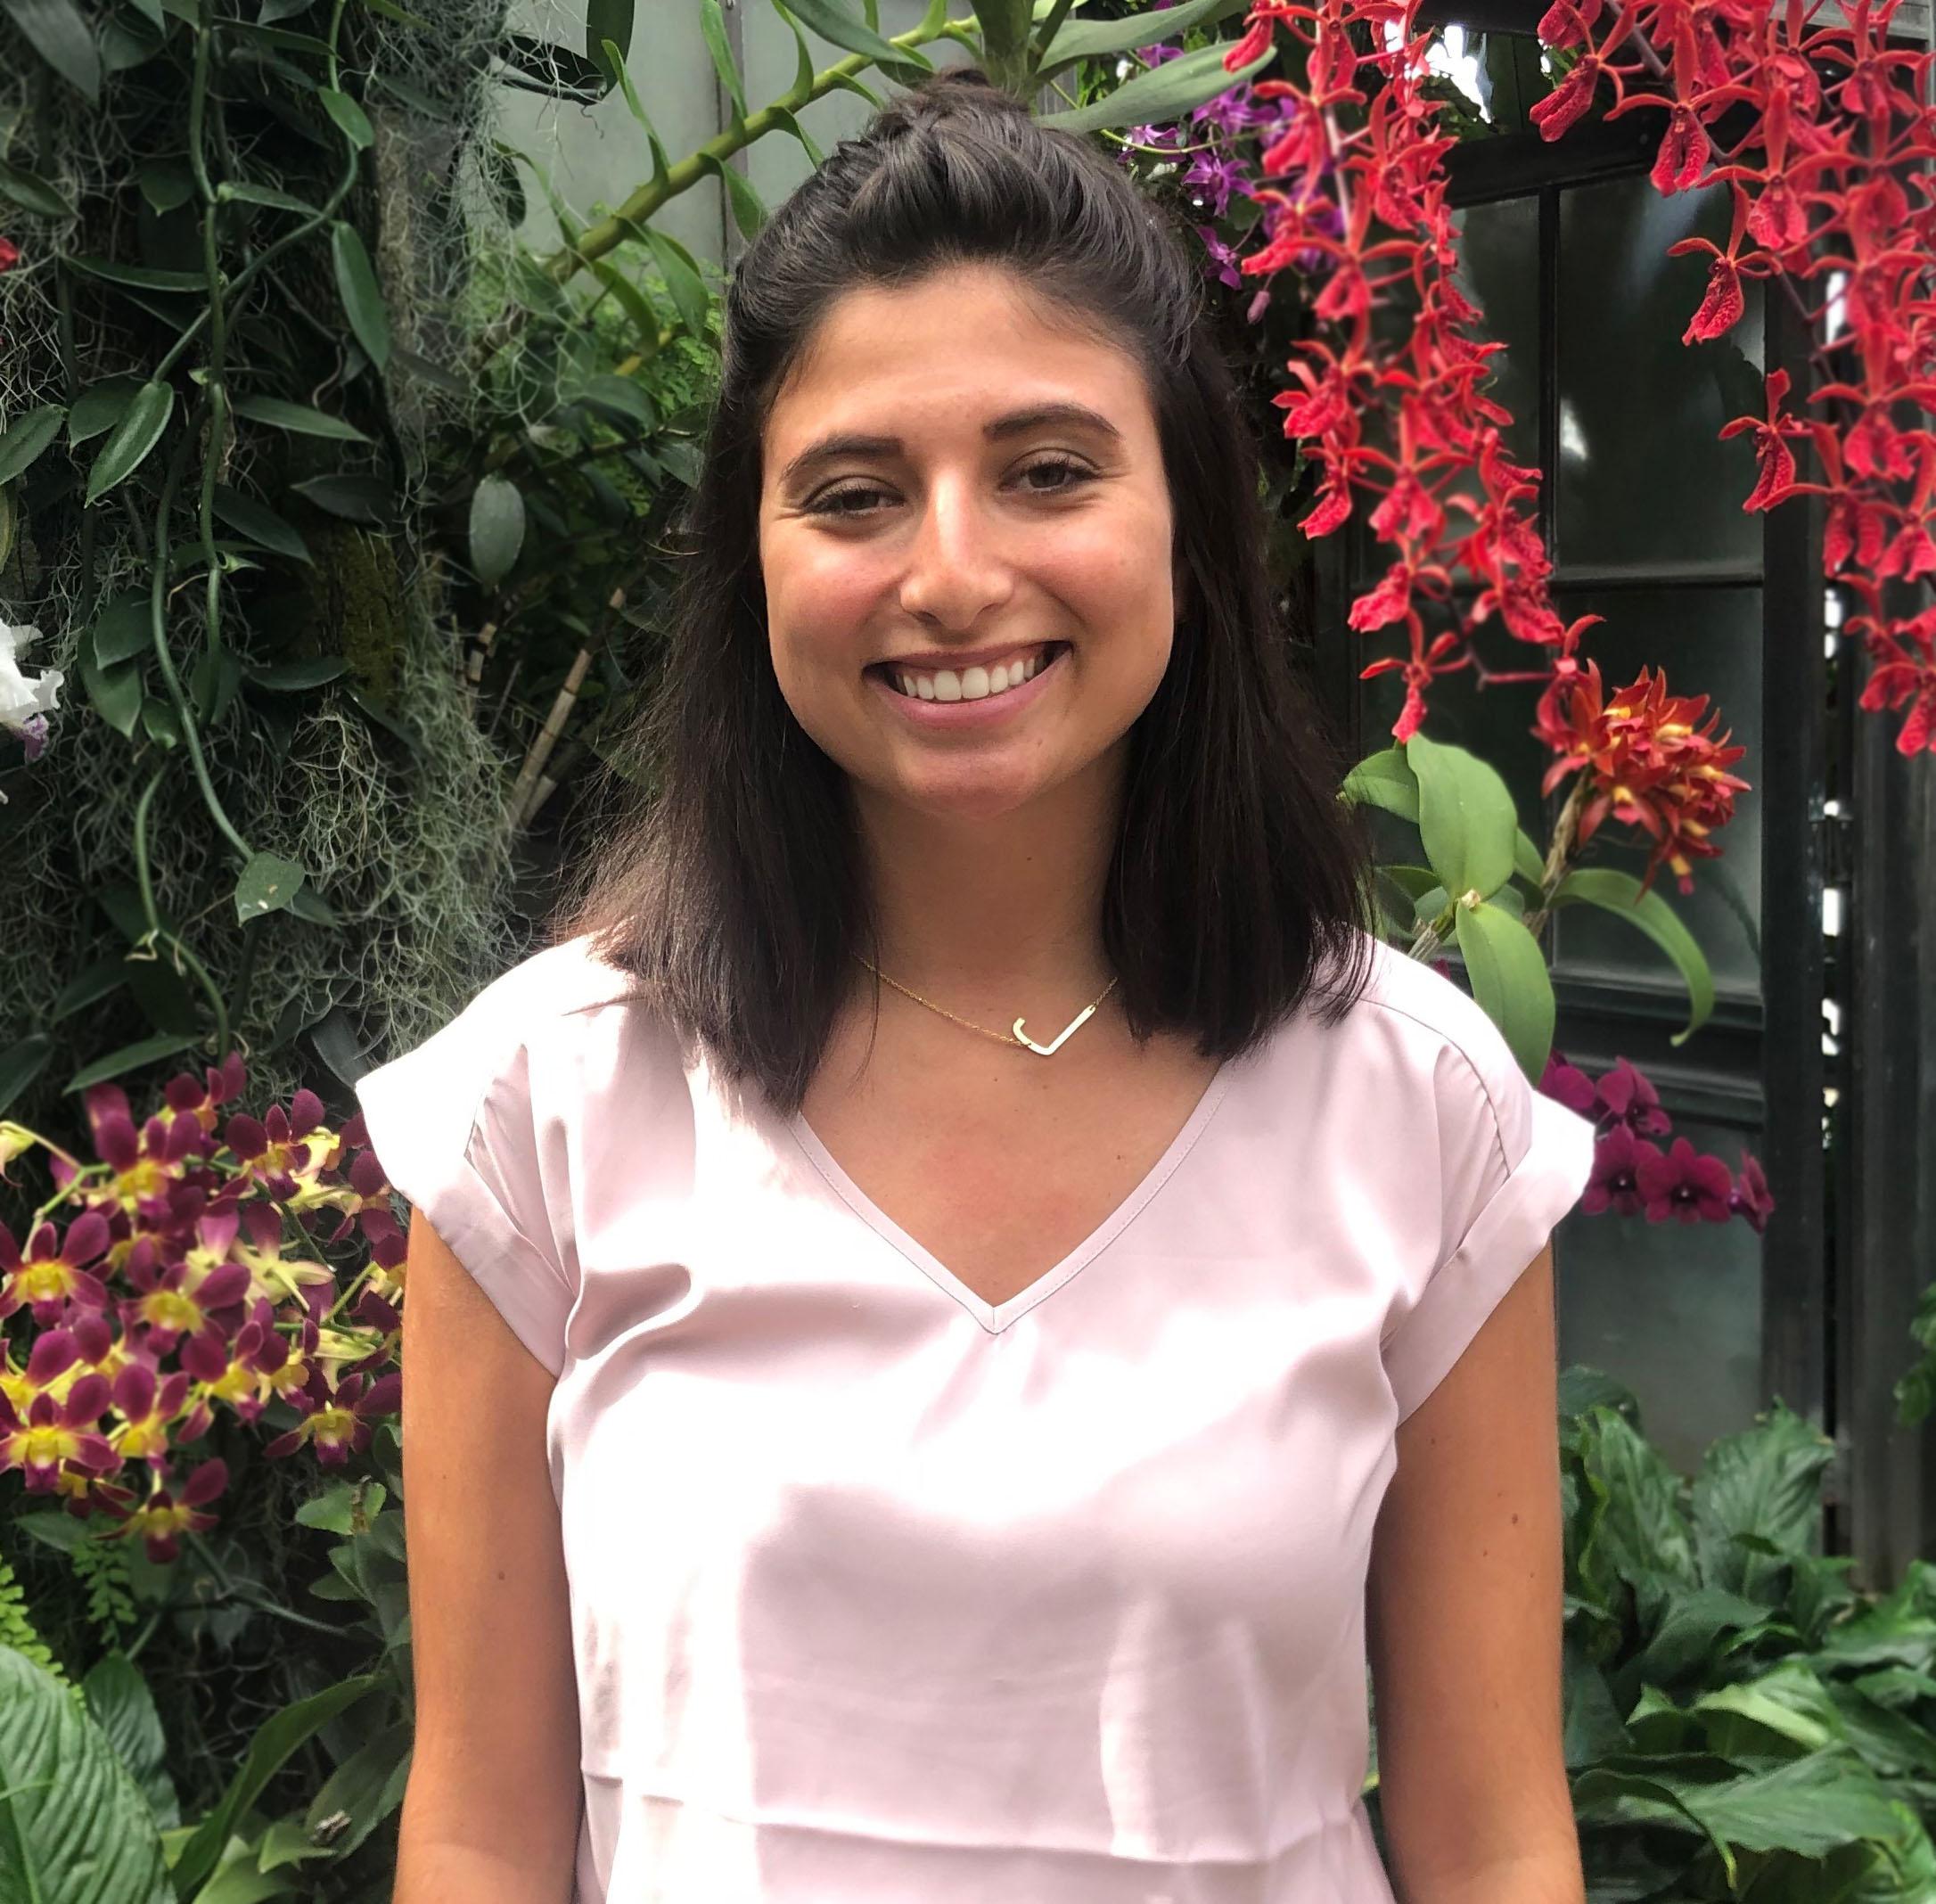 Jessica DeMarino Image